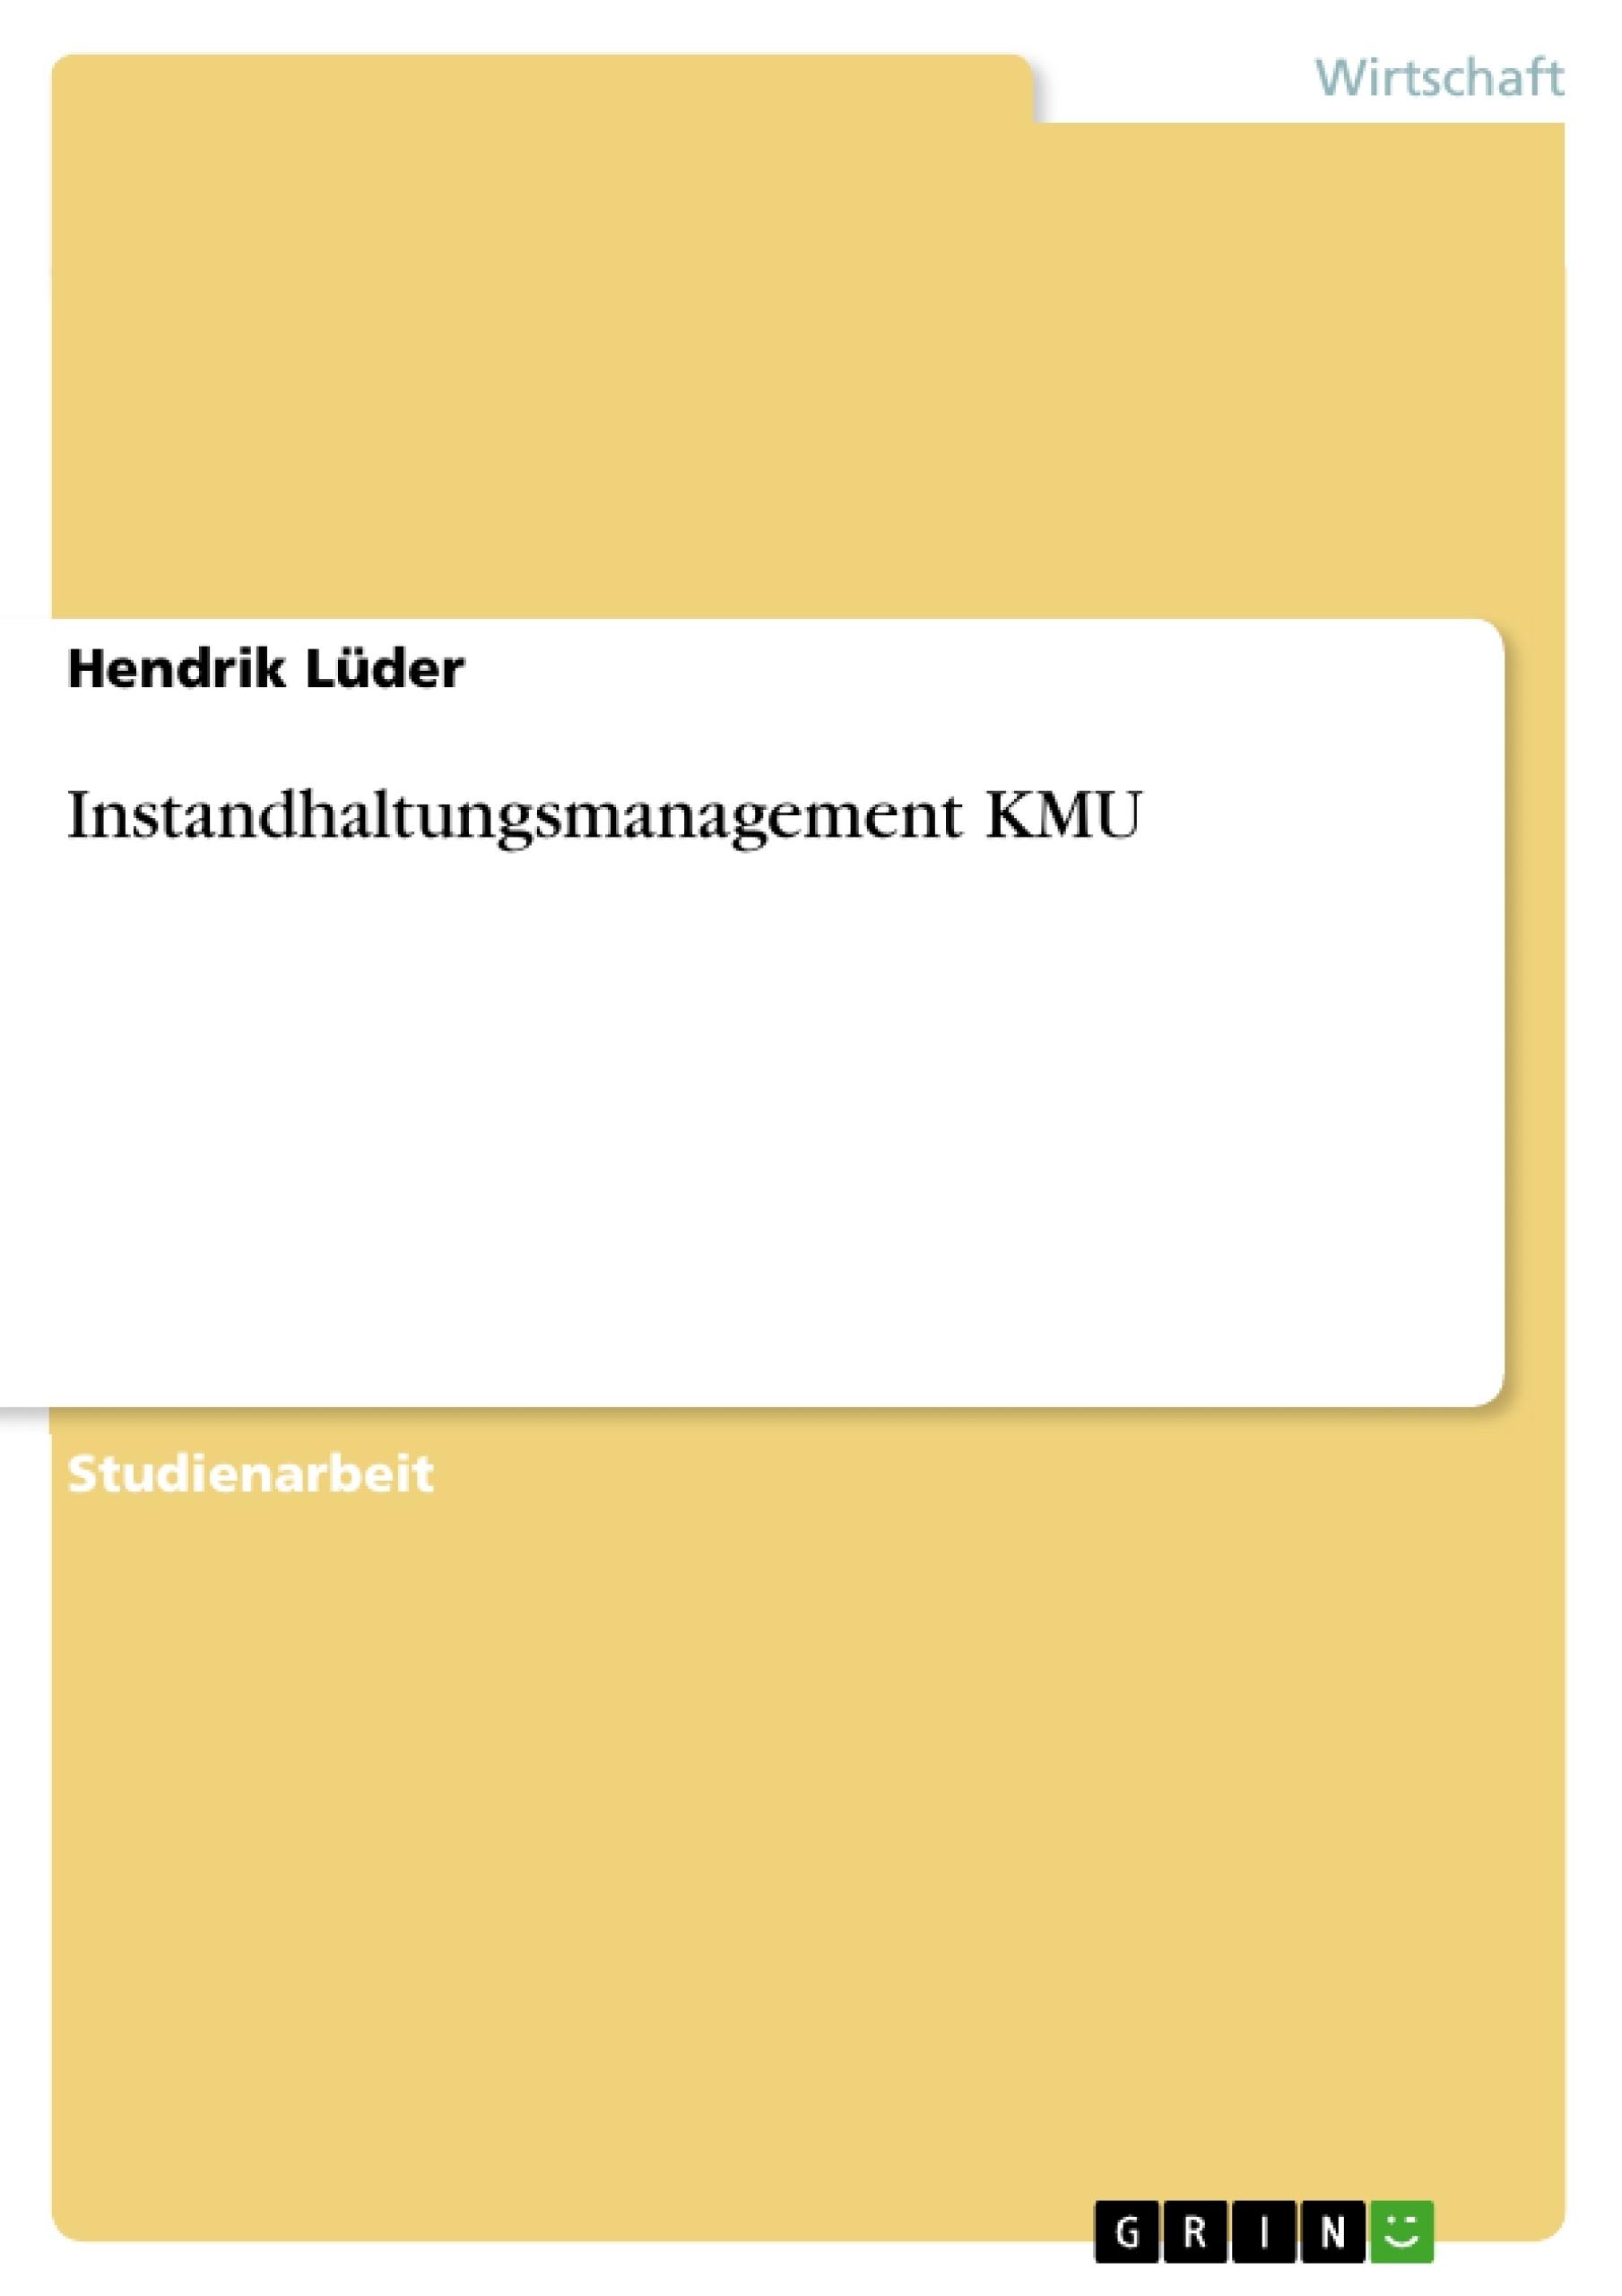 Titel: Instandhaltungsmanagement KMU